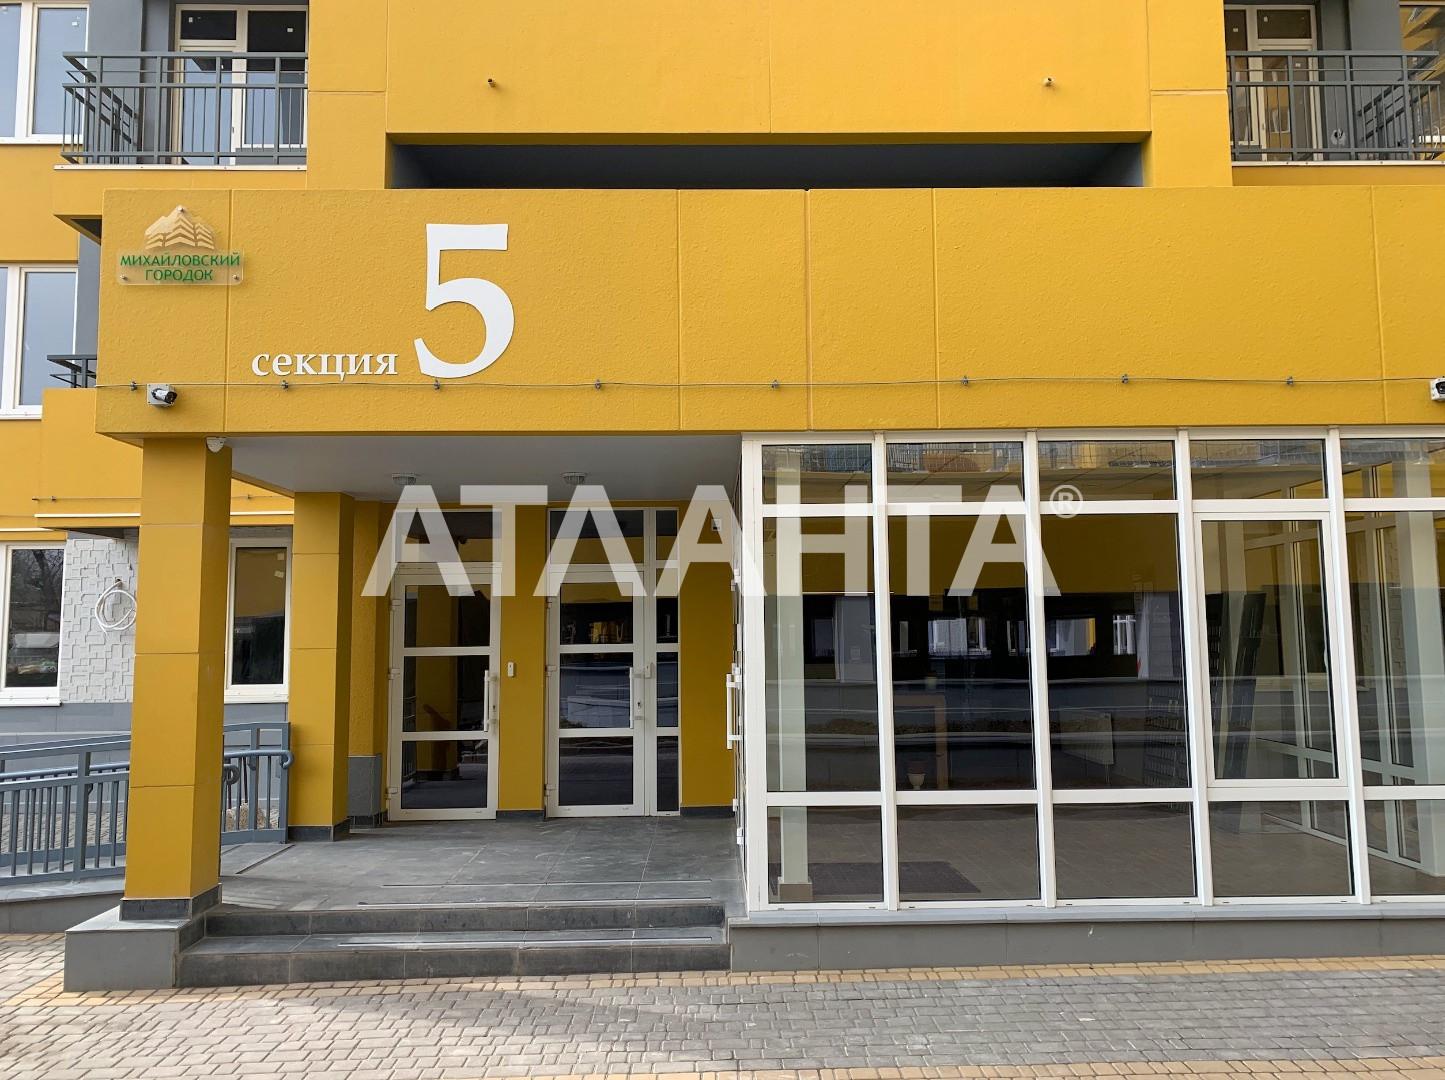 Продается 2-комнатная Квартира на ул. Михайловская (Индустриальная) — 46 000 у.е. (фото №19)